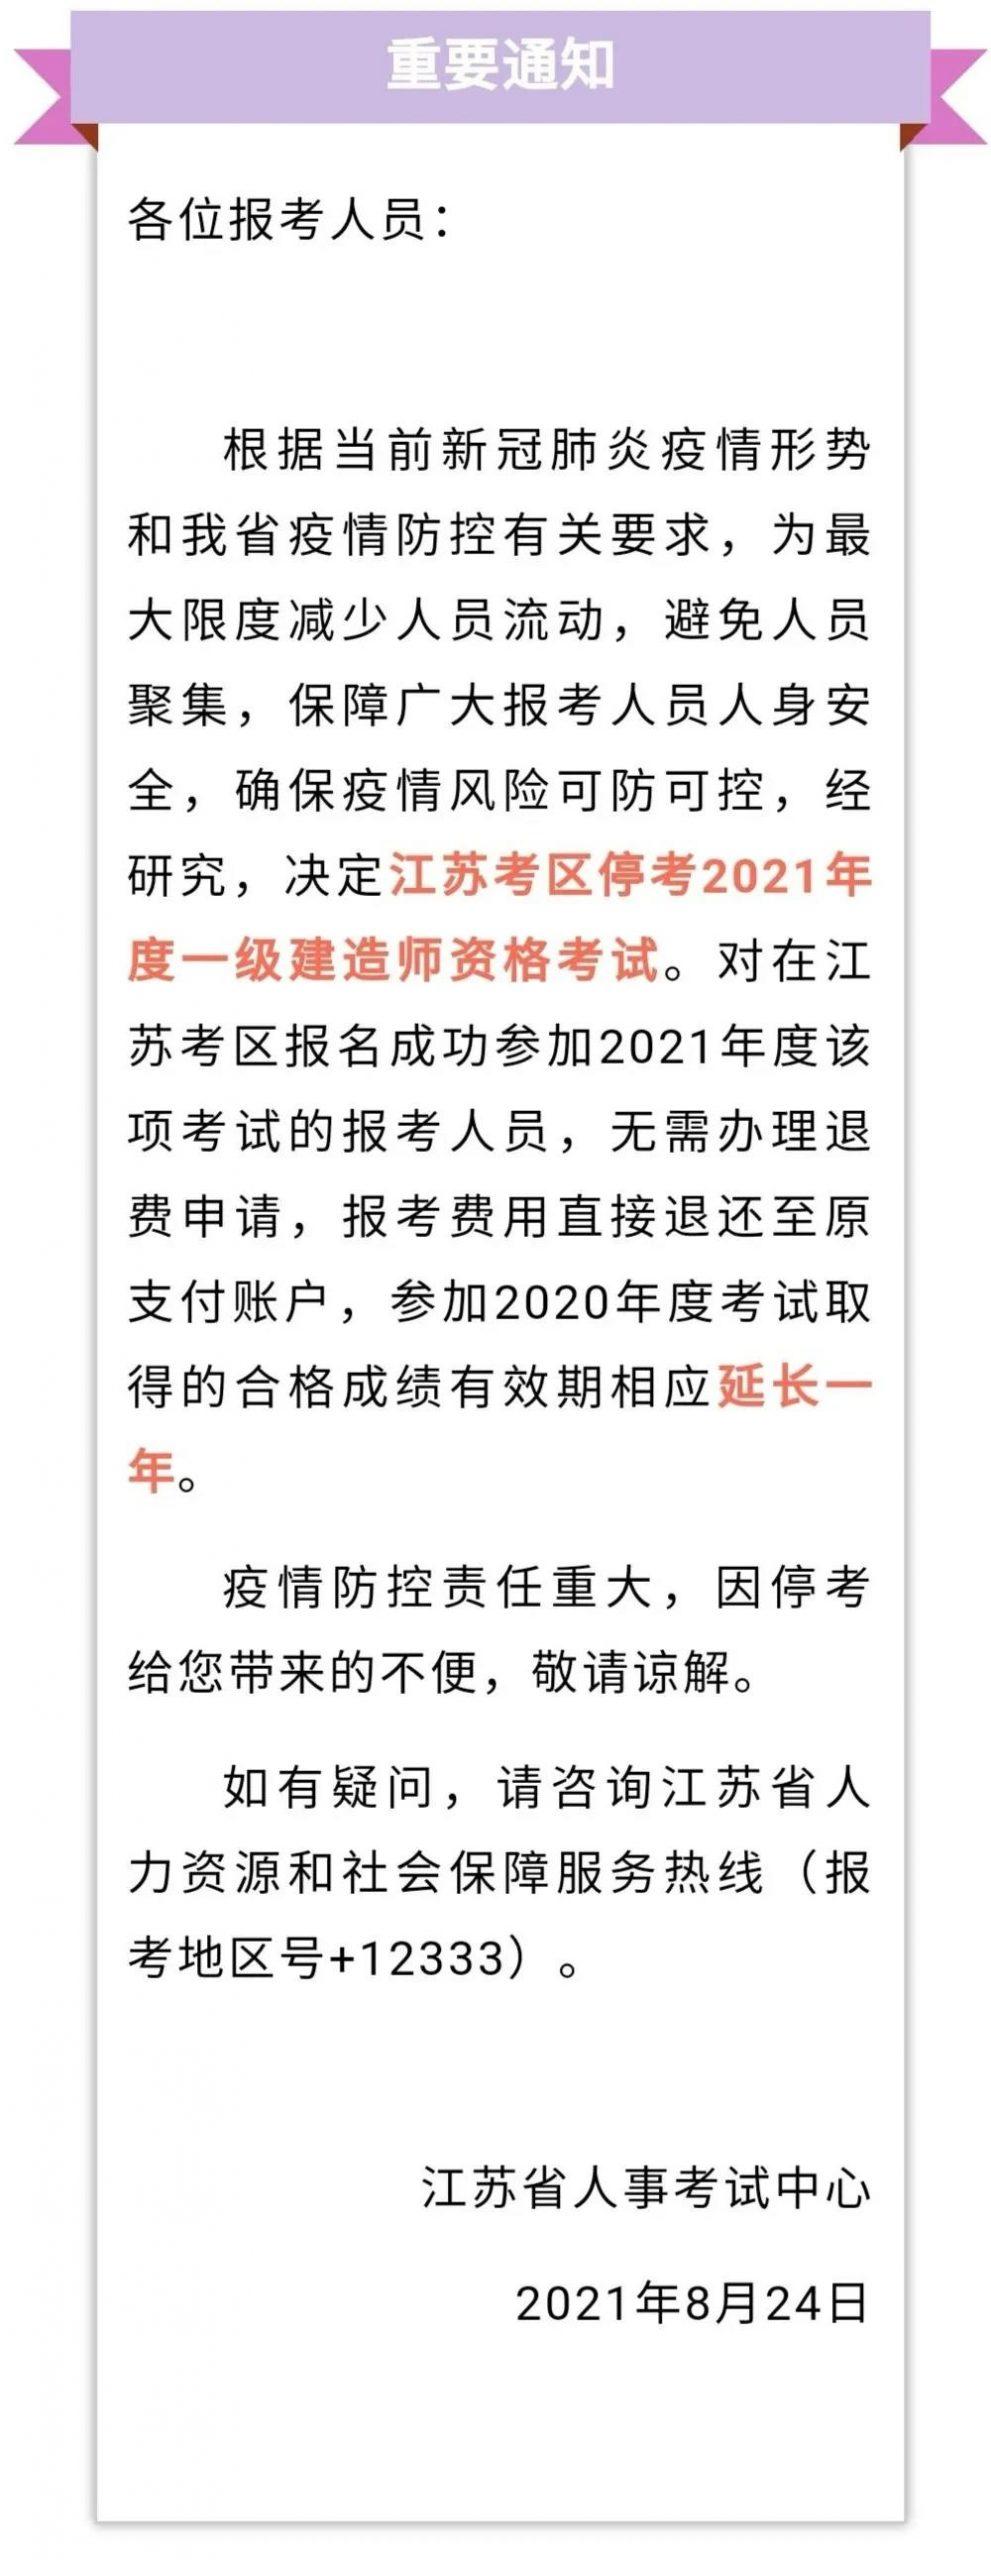 江苏:2021年一级建造师考试停考